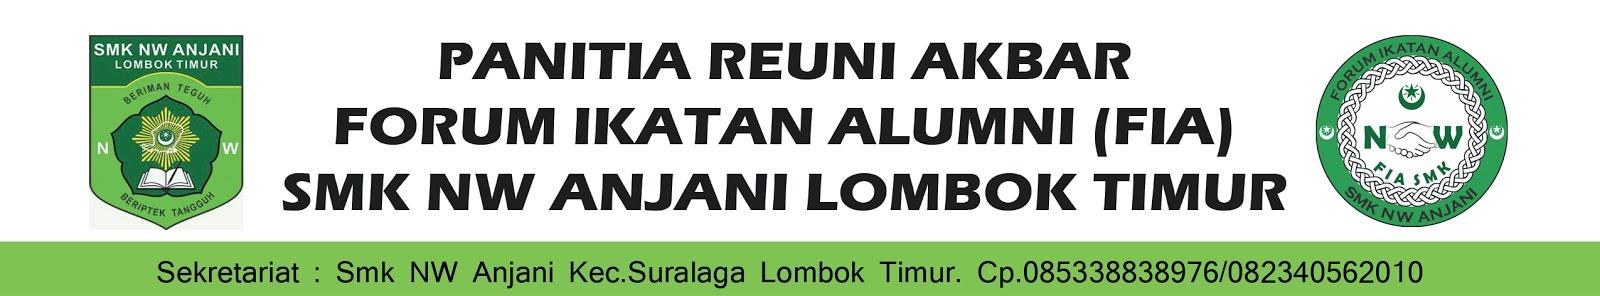 Khairil Ahyan Perigi Contoh Surat Undangan Reuni Smk Nw Anjani